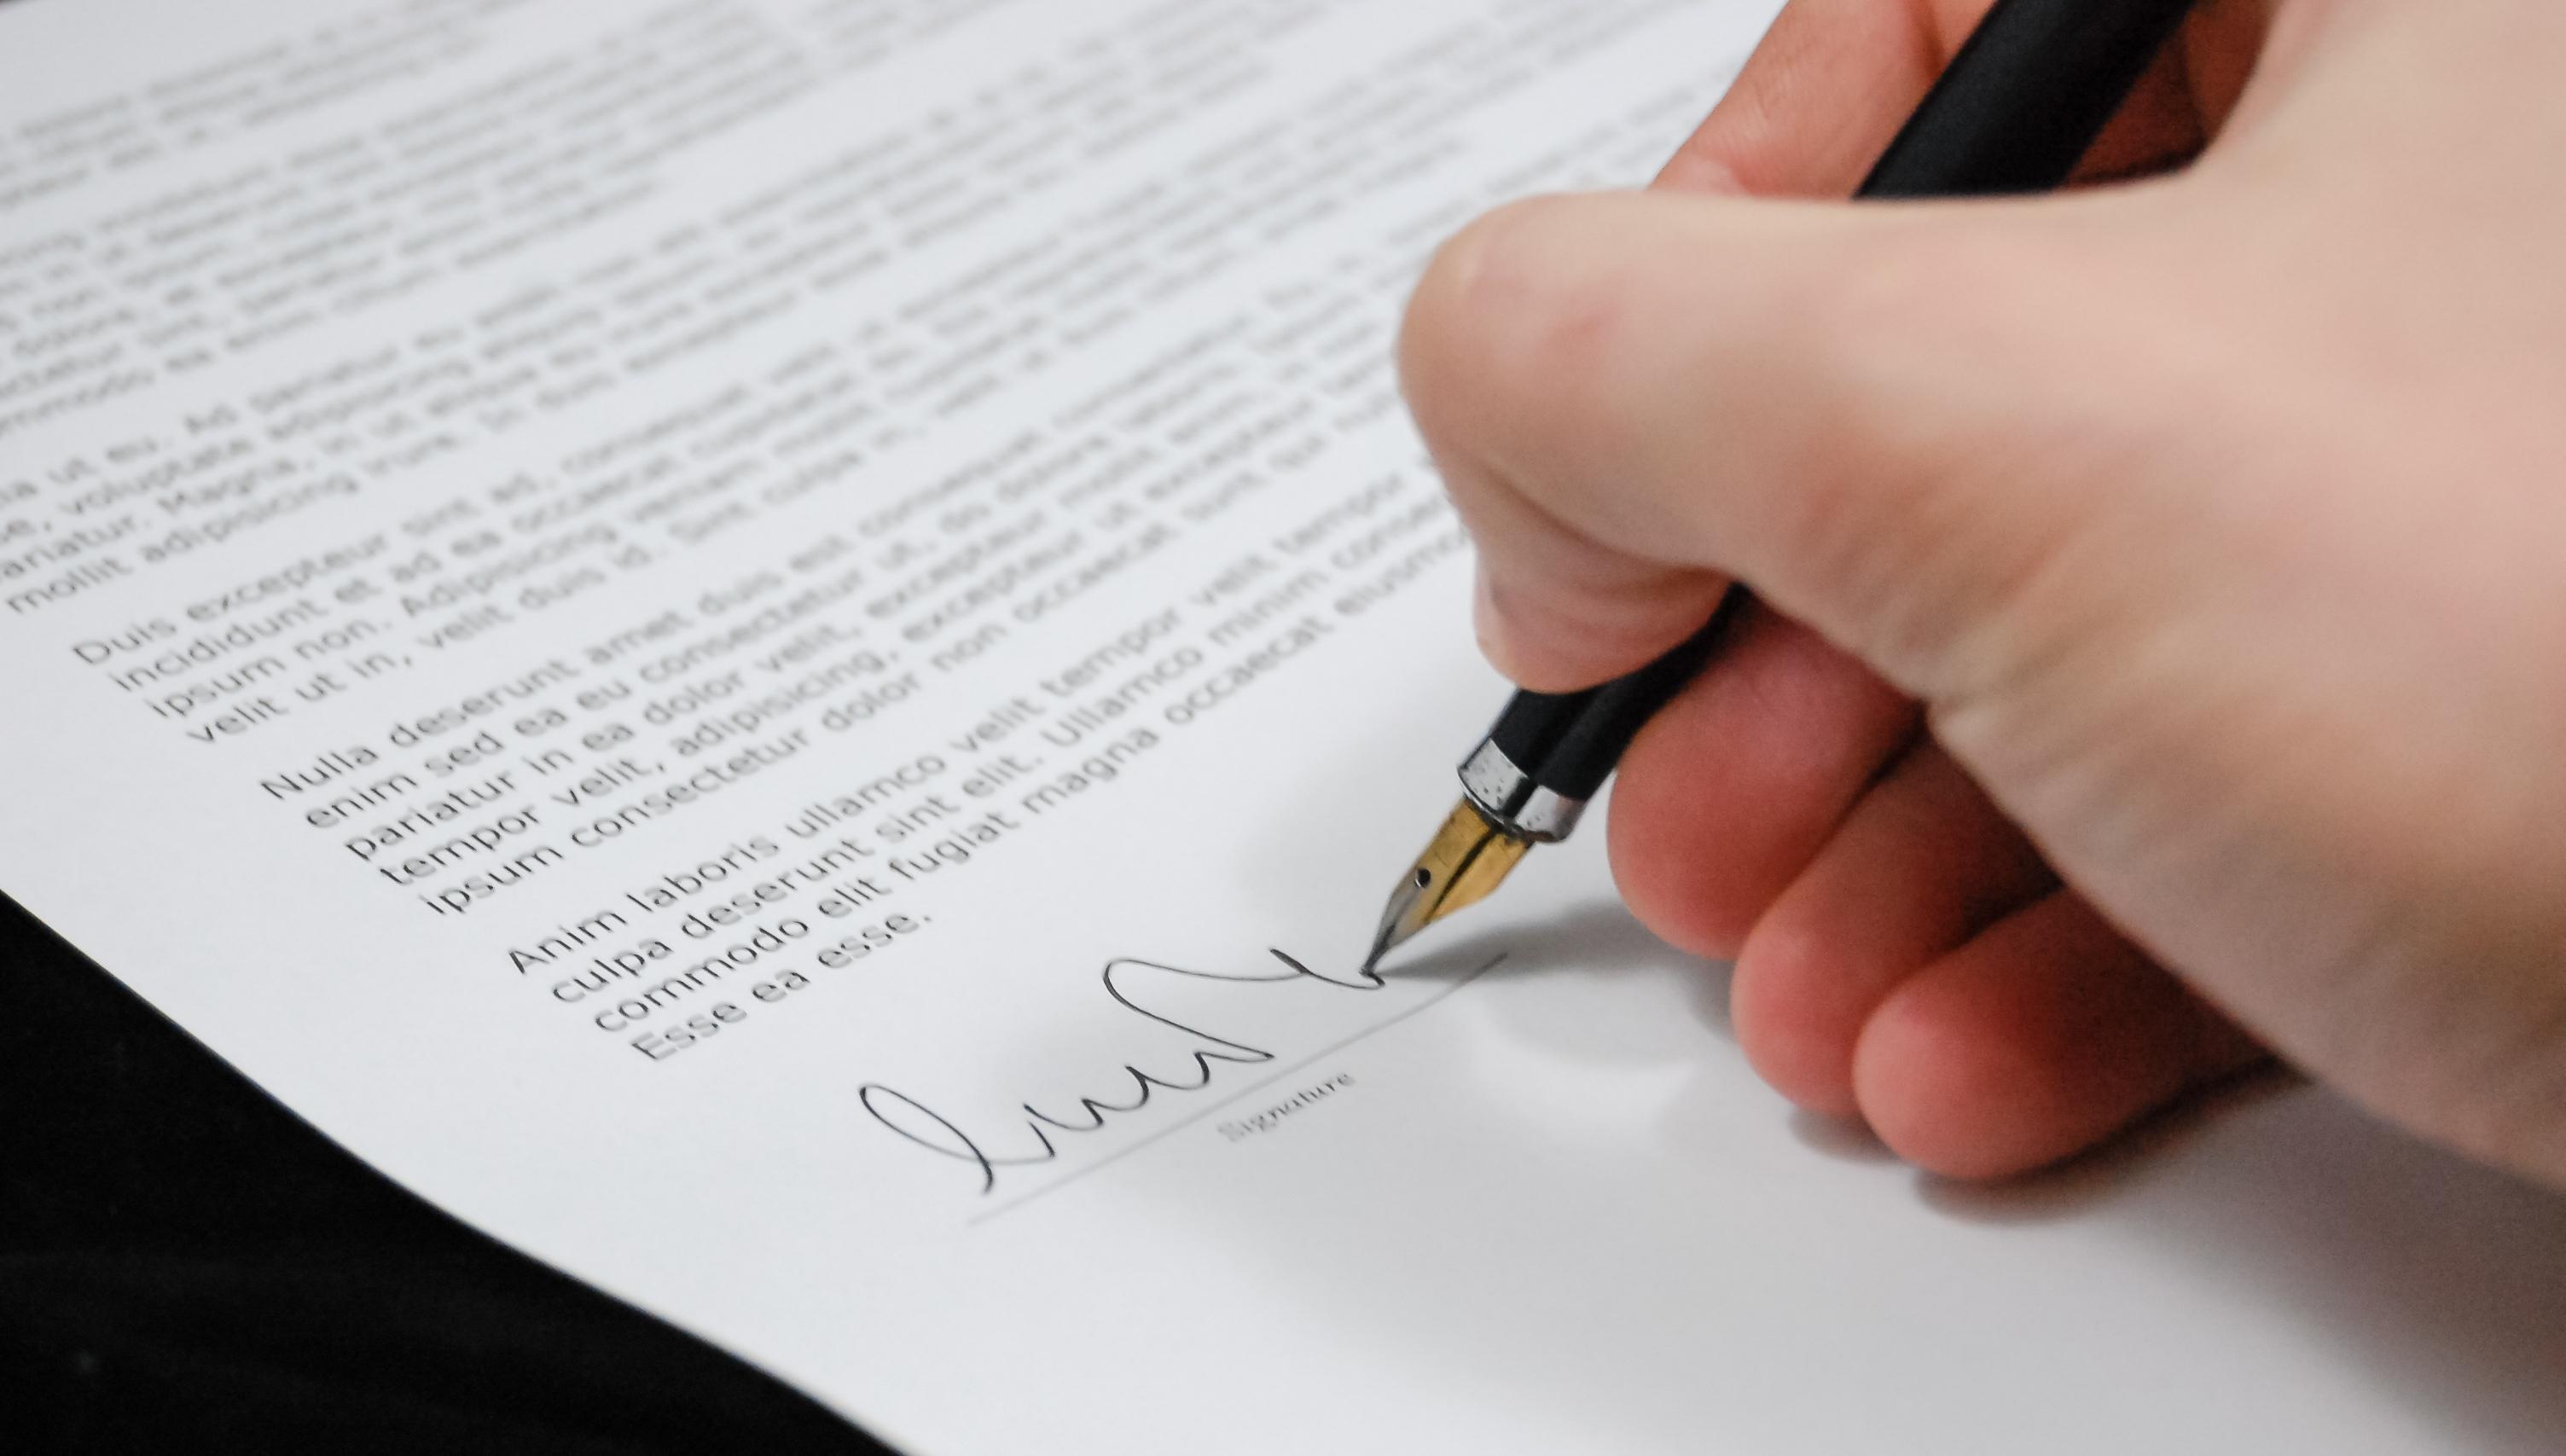 書類へサインしている写真